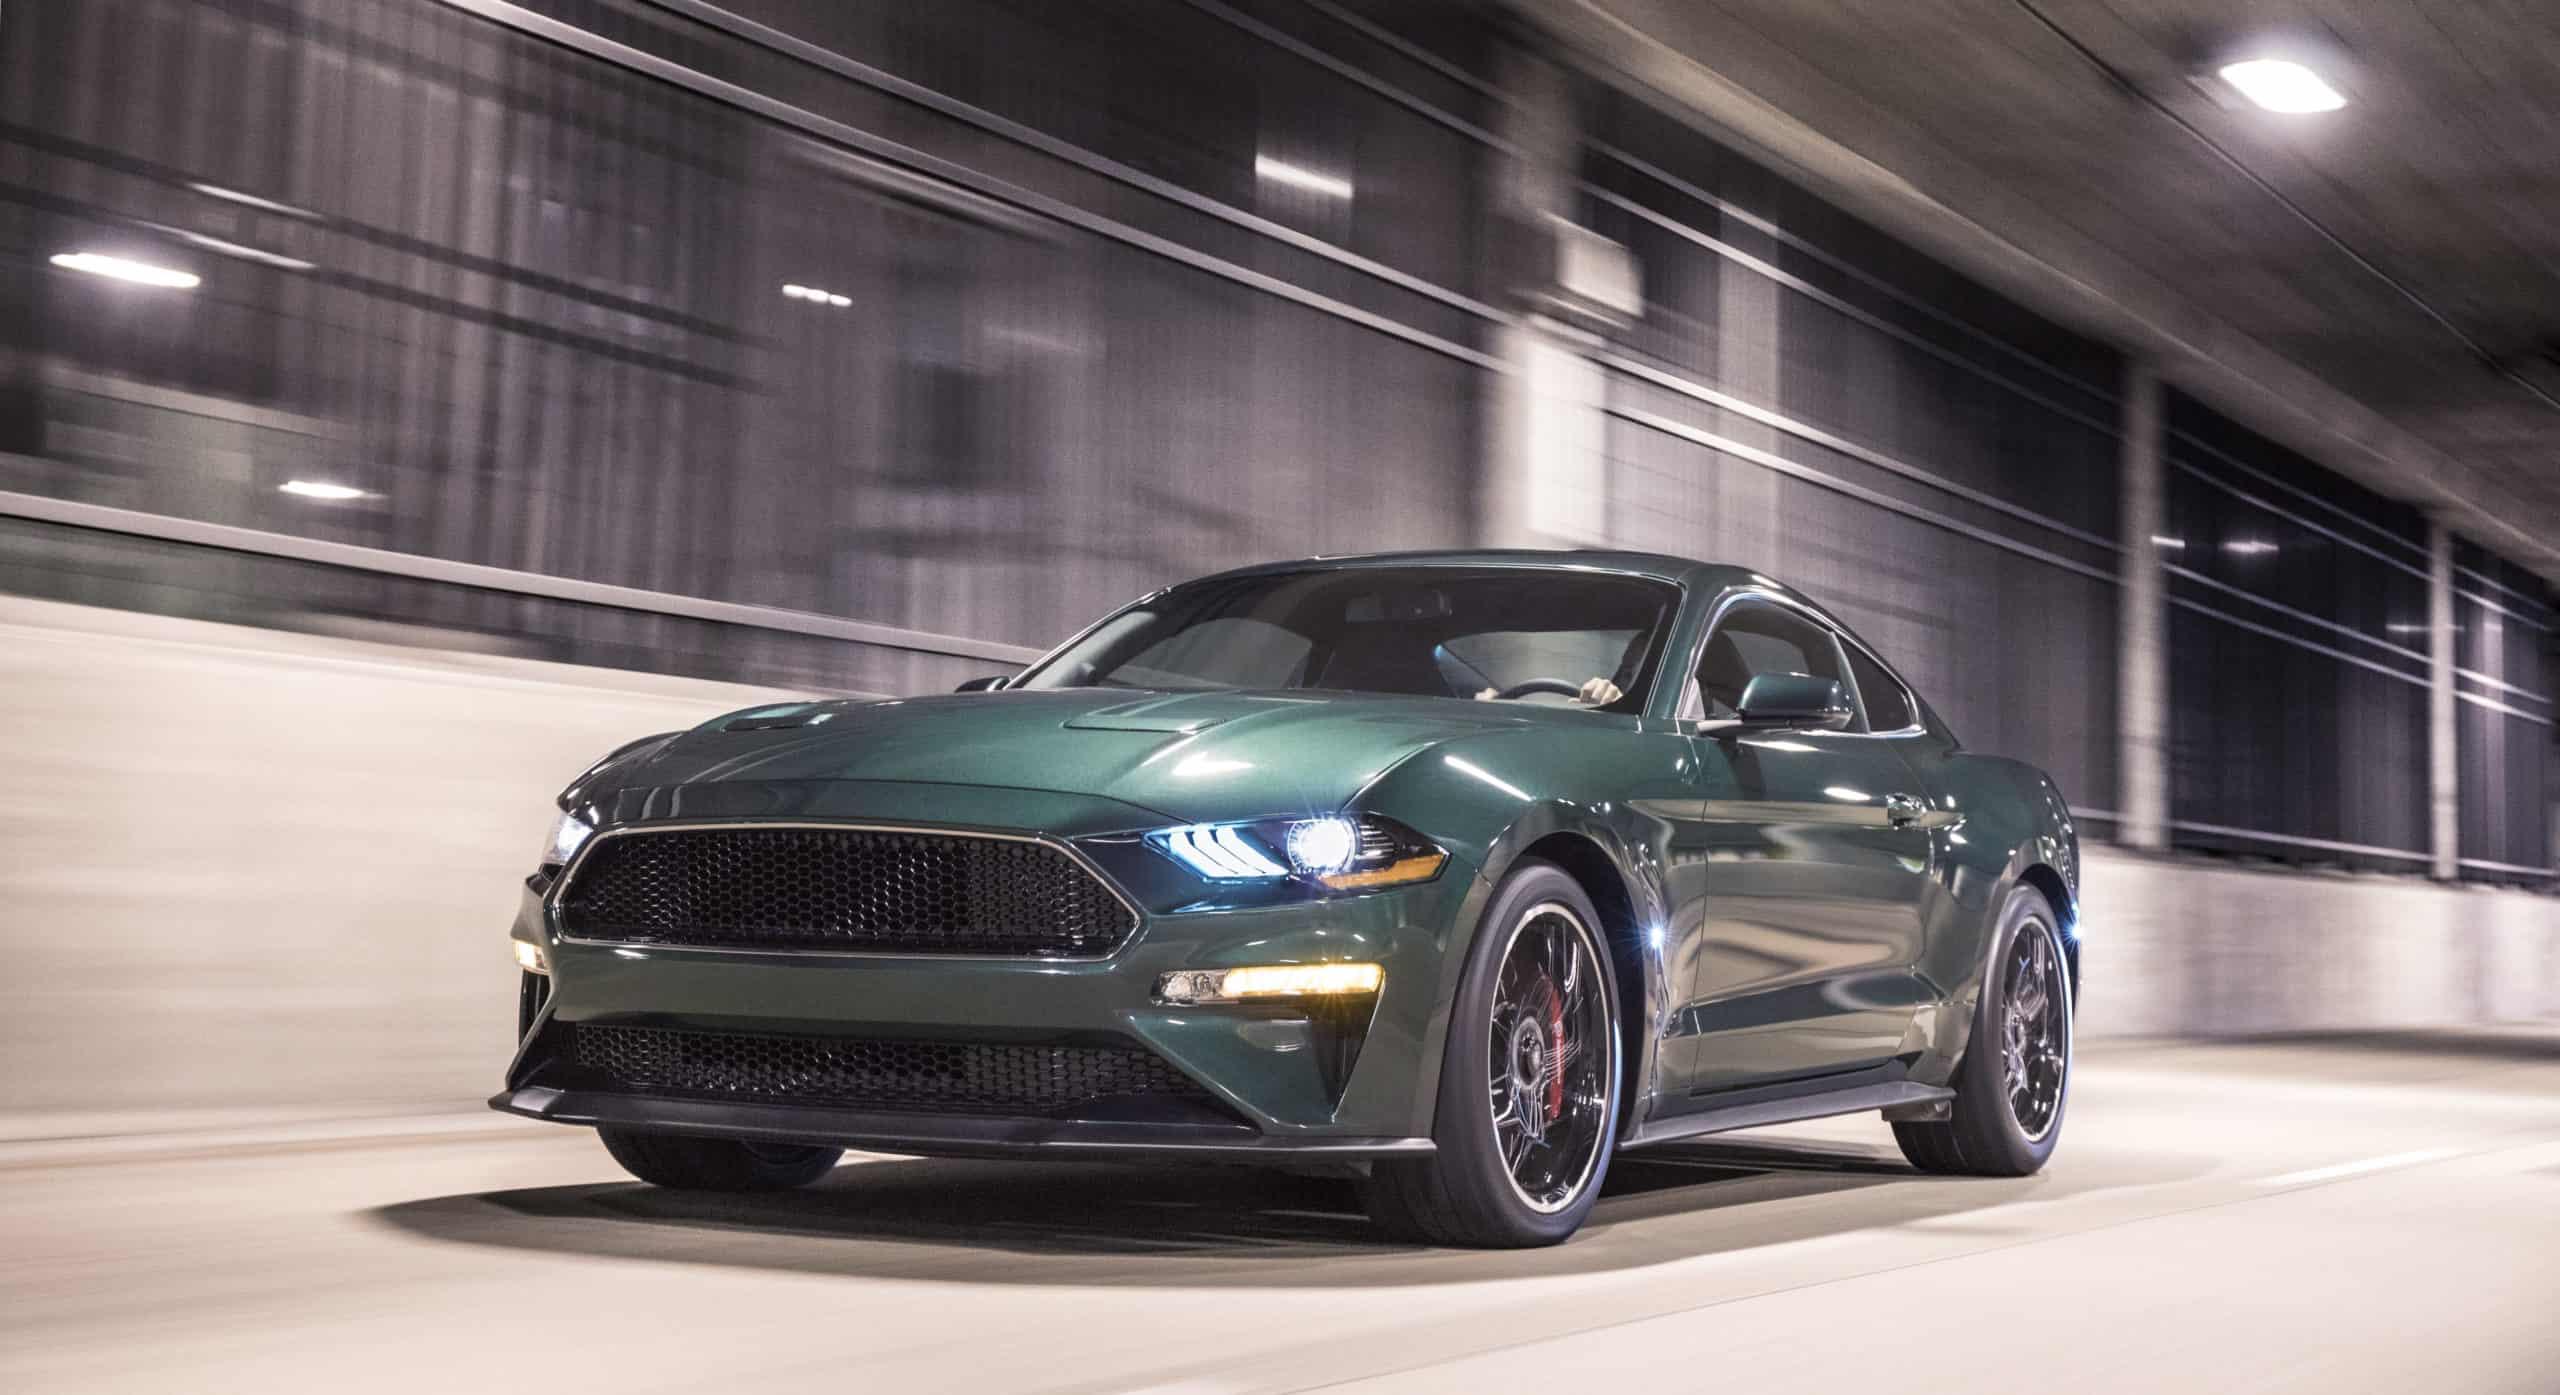 2020 Mustang Bullitt in motion in tunnel